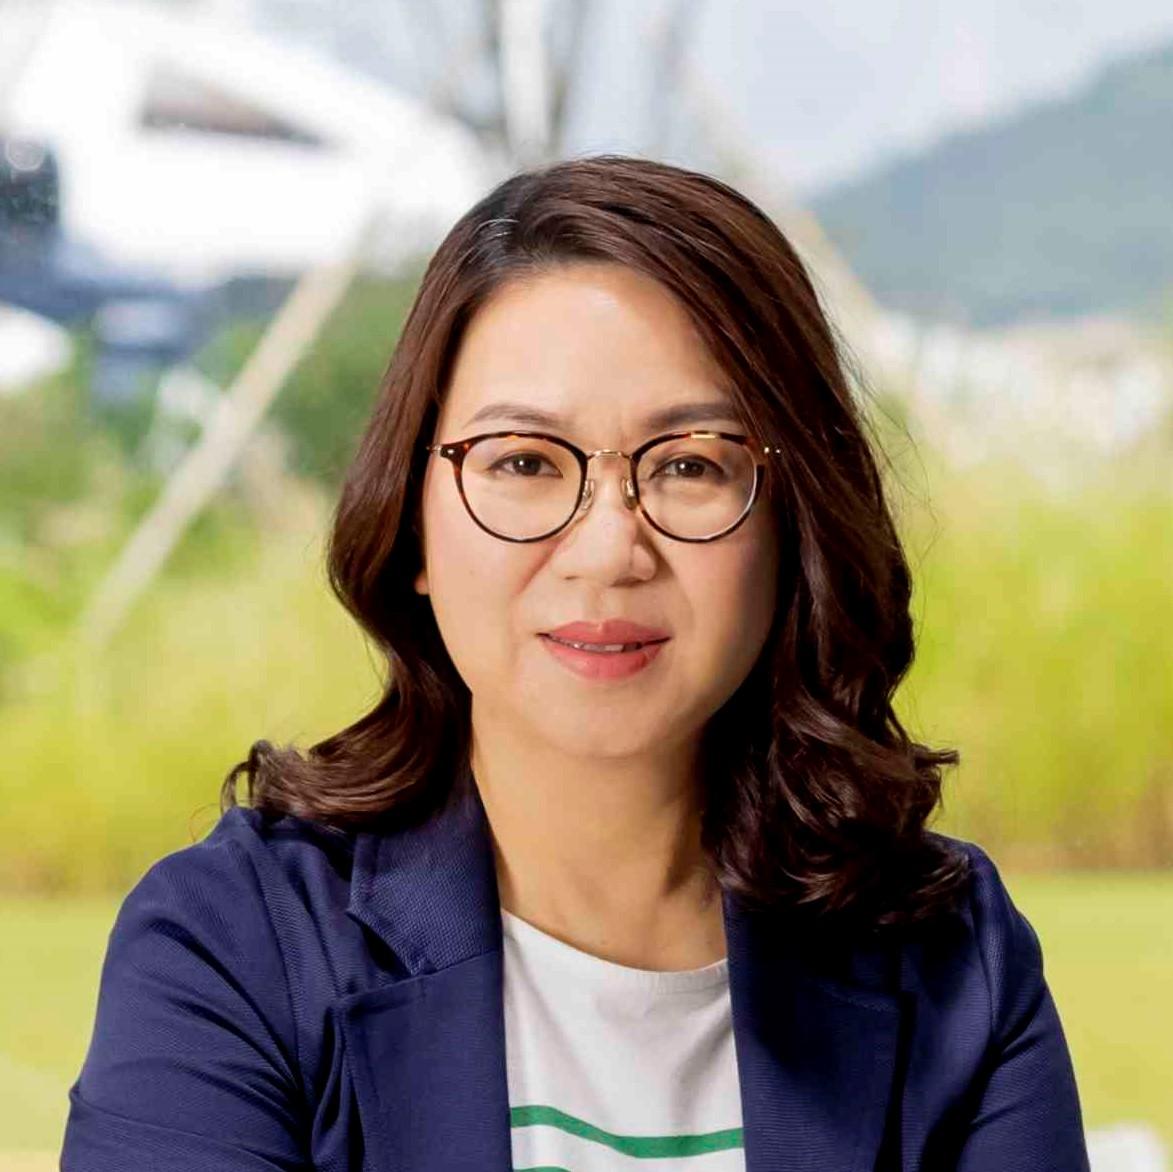 Charlotte Ho